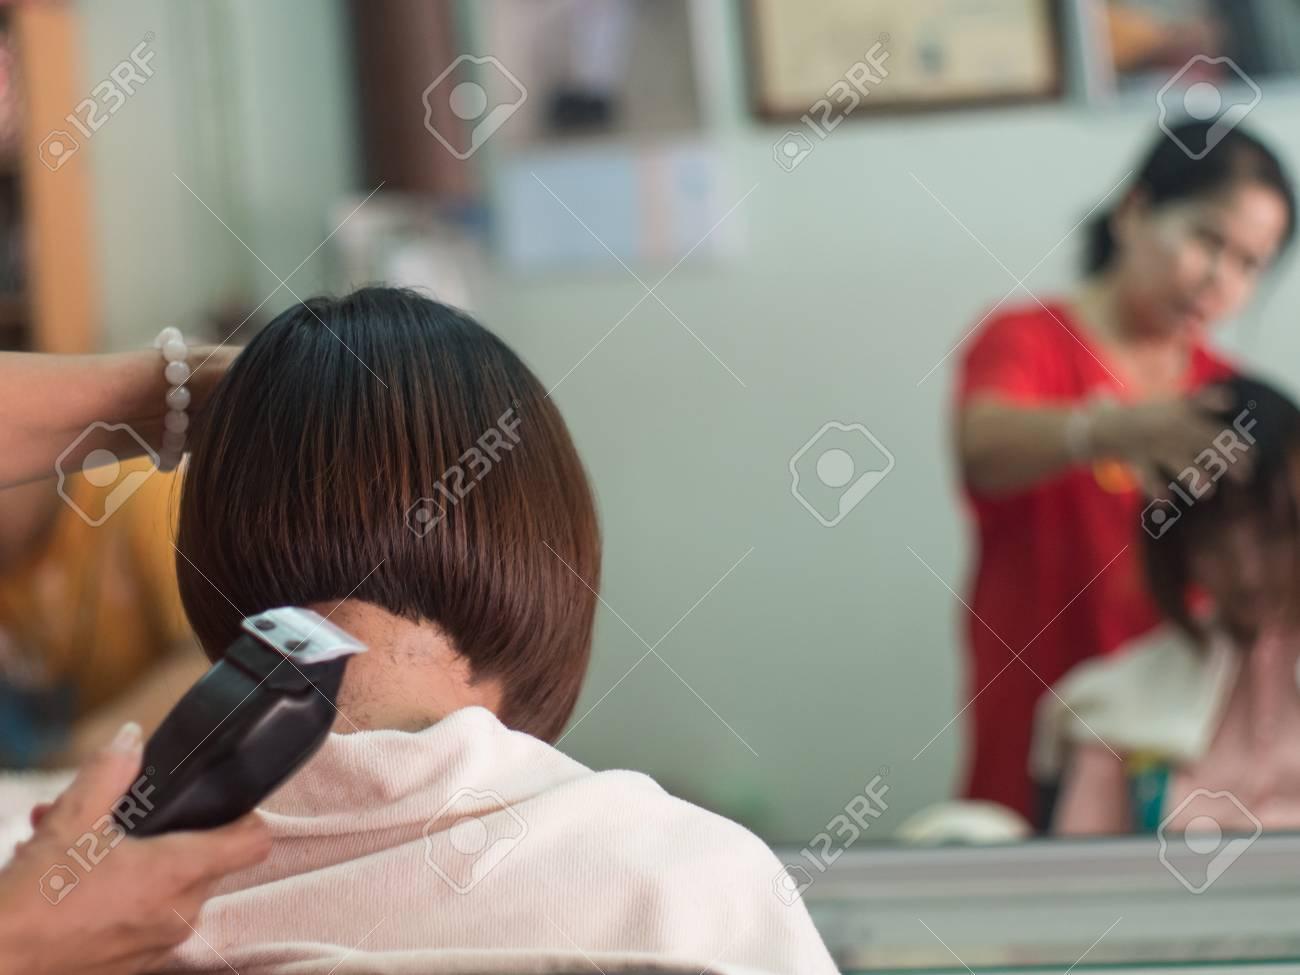 Coiffeur Coupe Les Cheveux Courts Jeune Femme Asiatique Au Salon De Beaute Banque D Images Et Photos Libres De Droits Image 61007090